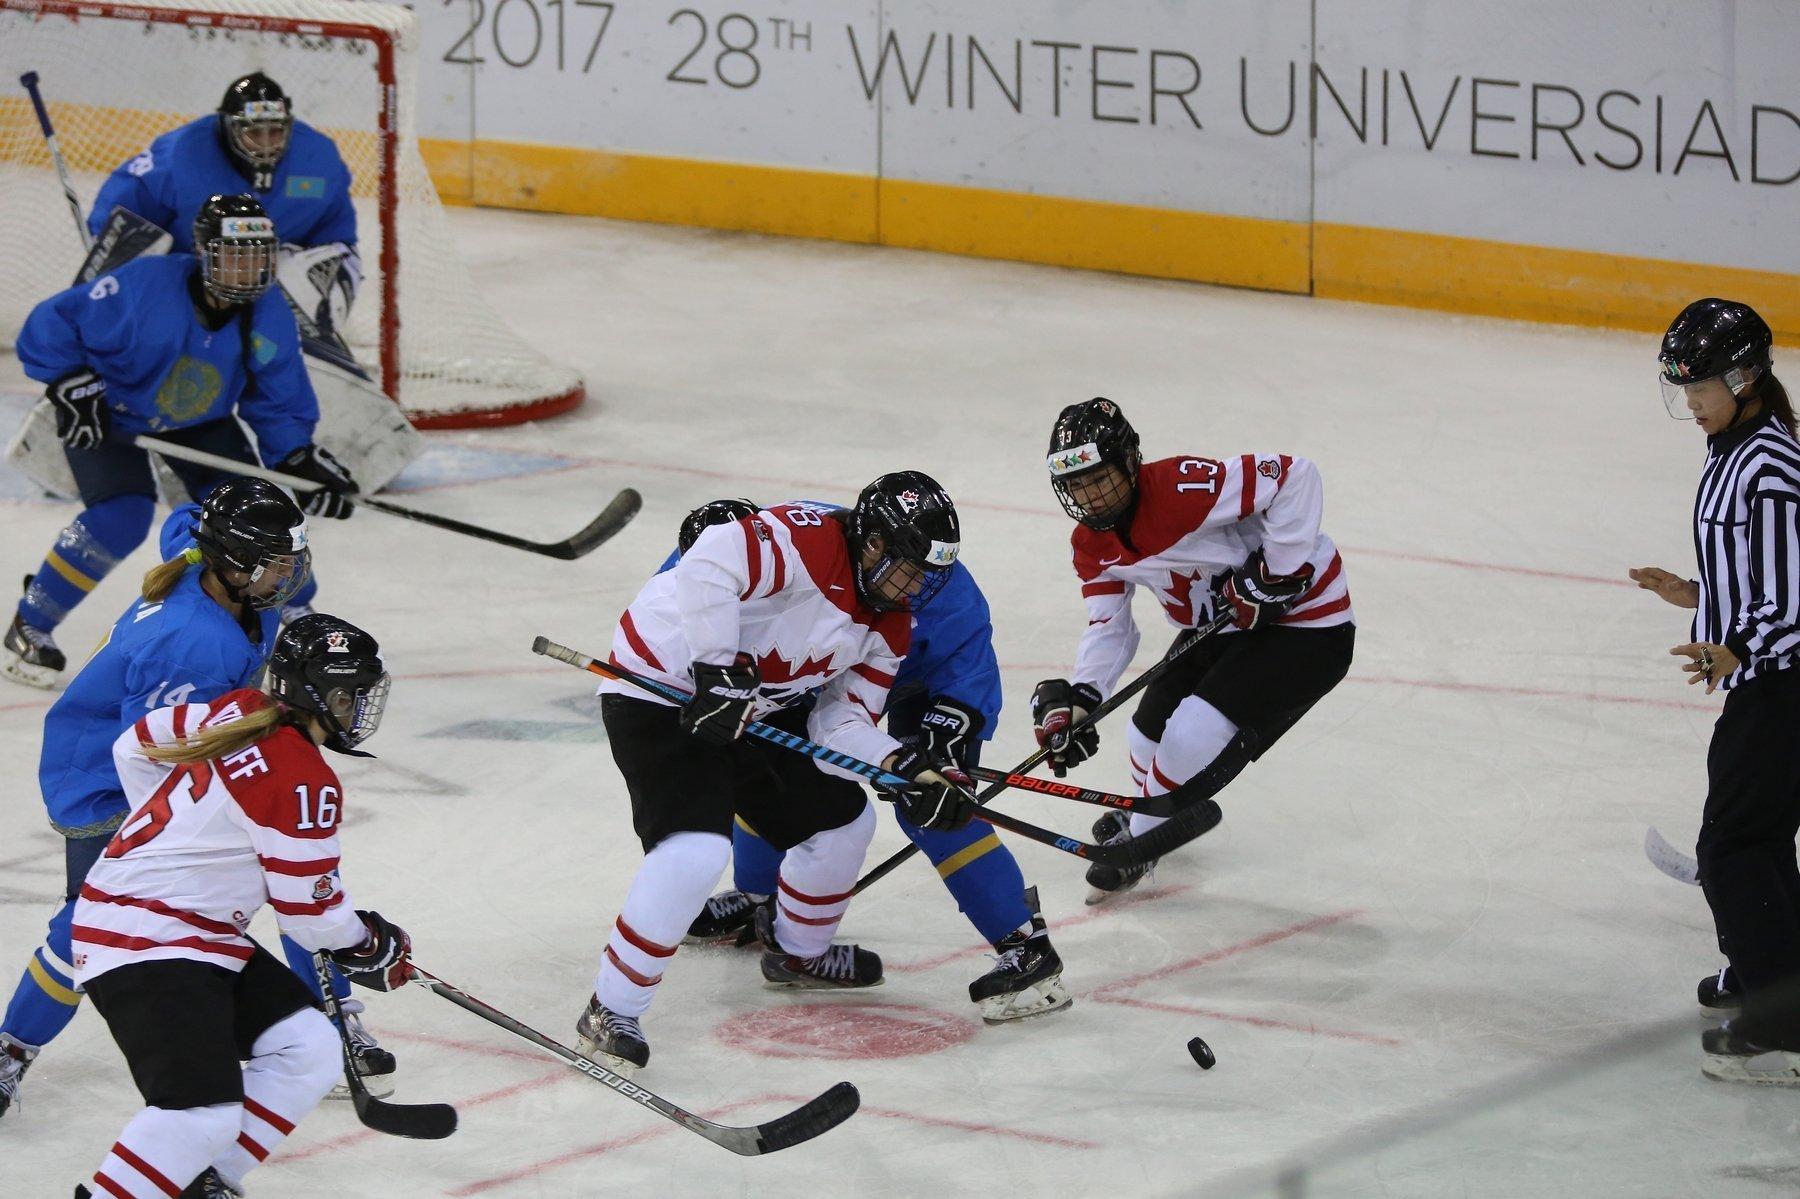 Женский хоккей на Универсиаде в Алматы. Казахстан - Канада.